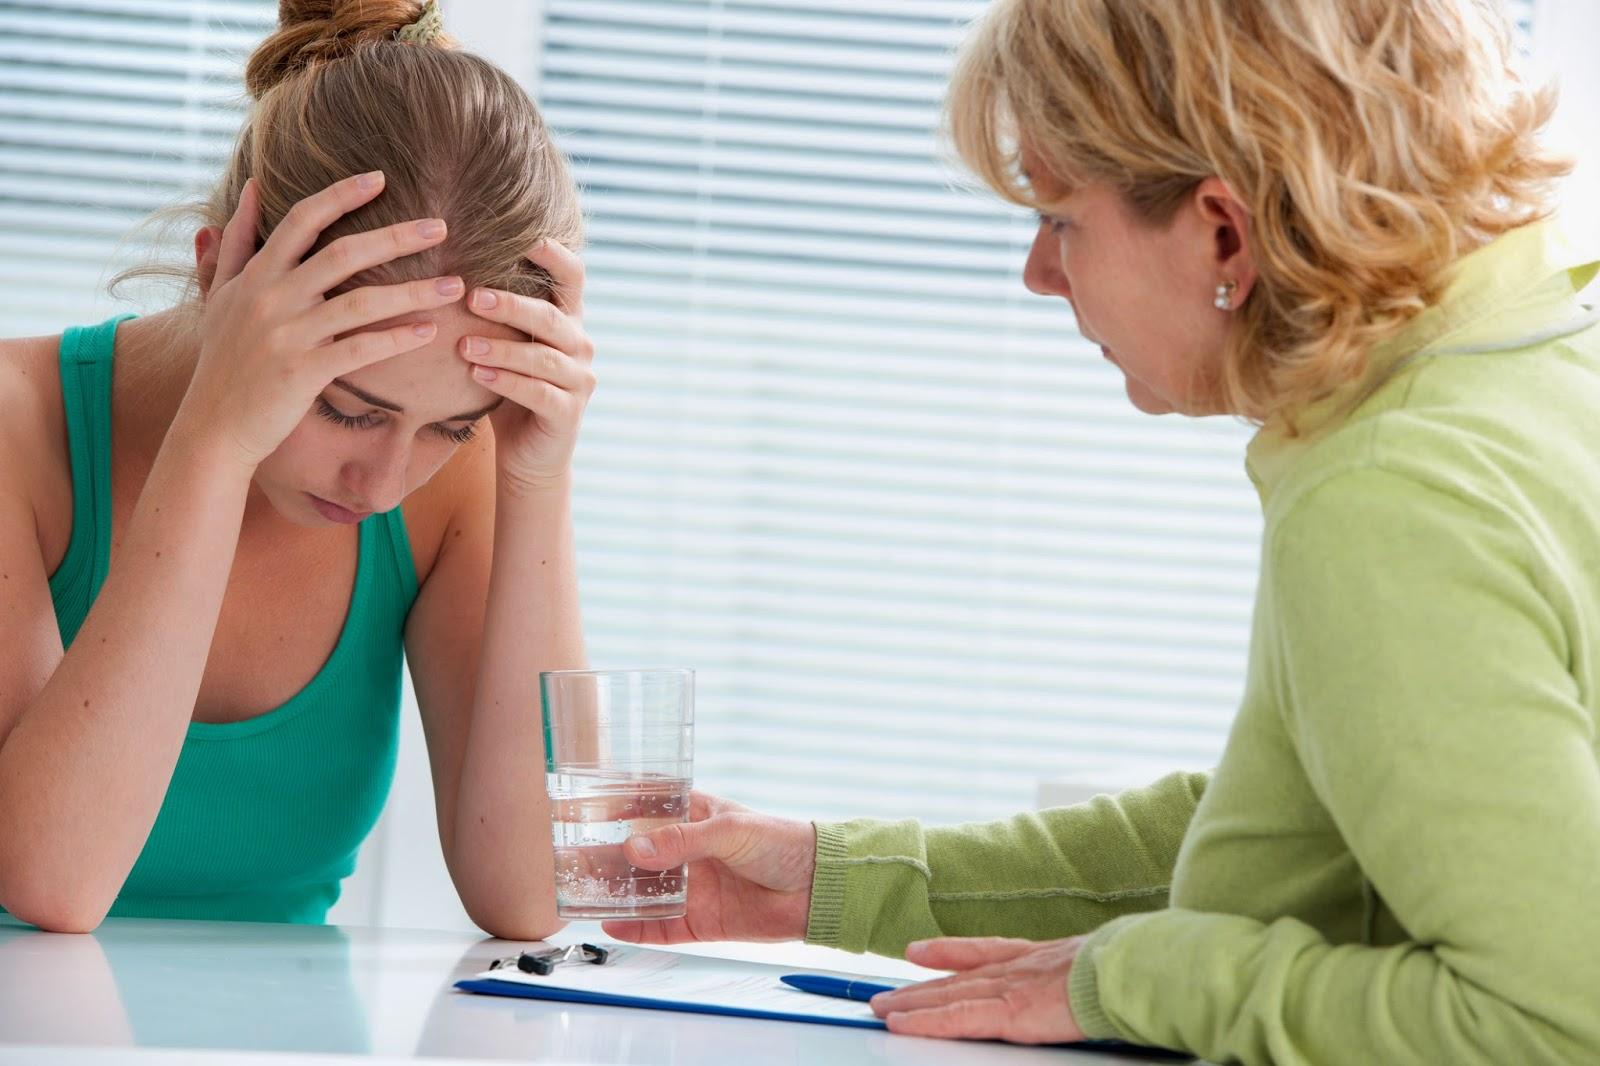 Что поможет избавиться от невротической депрессии?